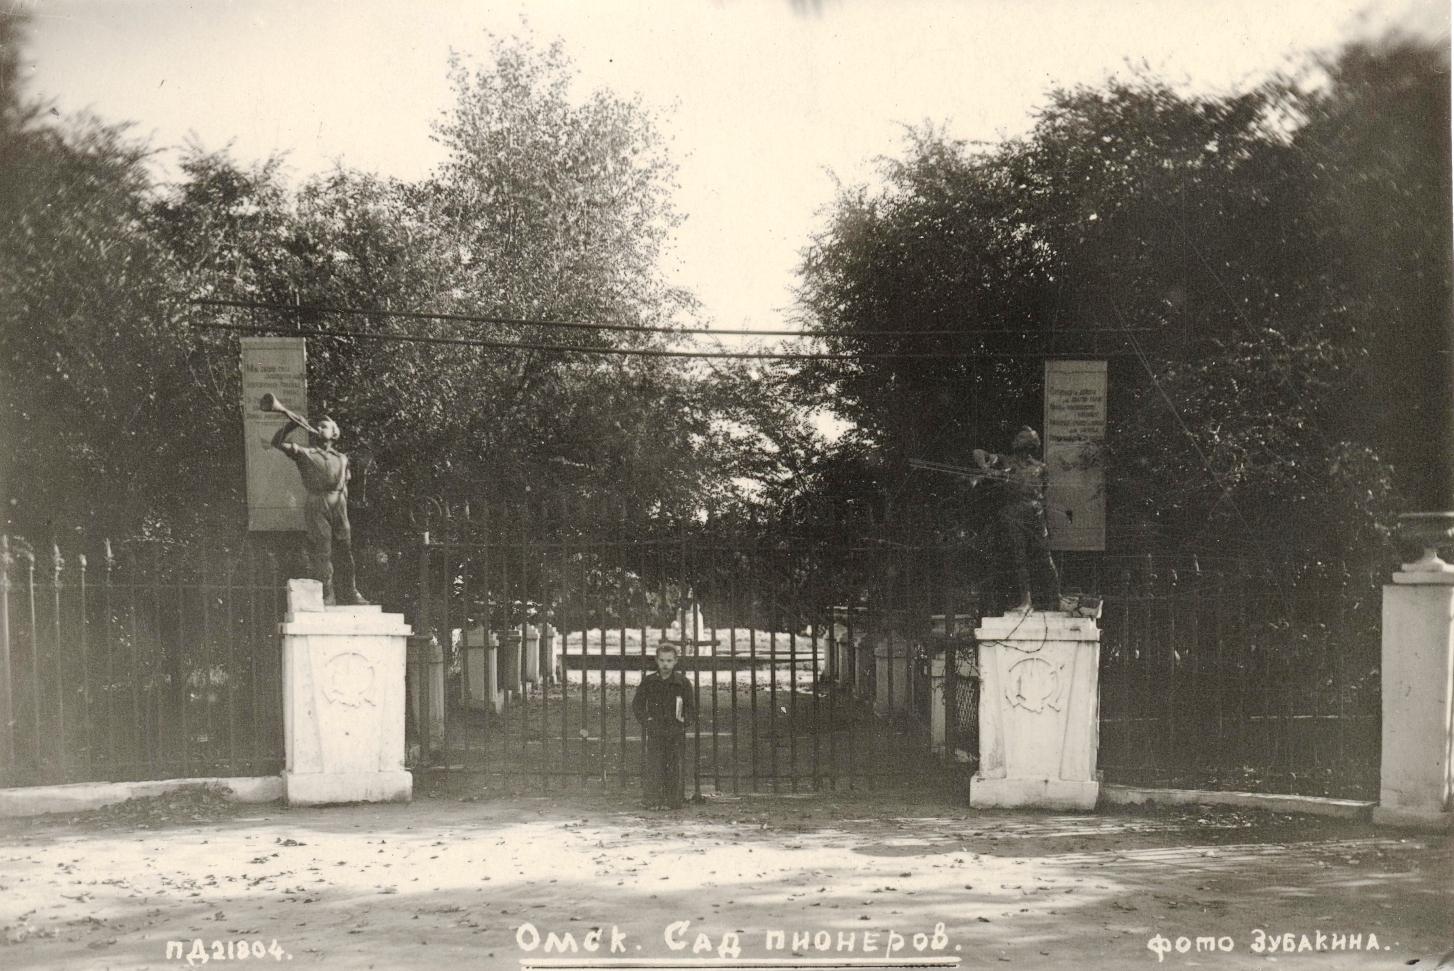 Сад пионеров 1945-50